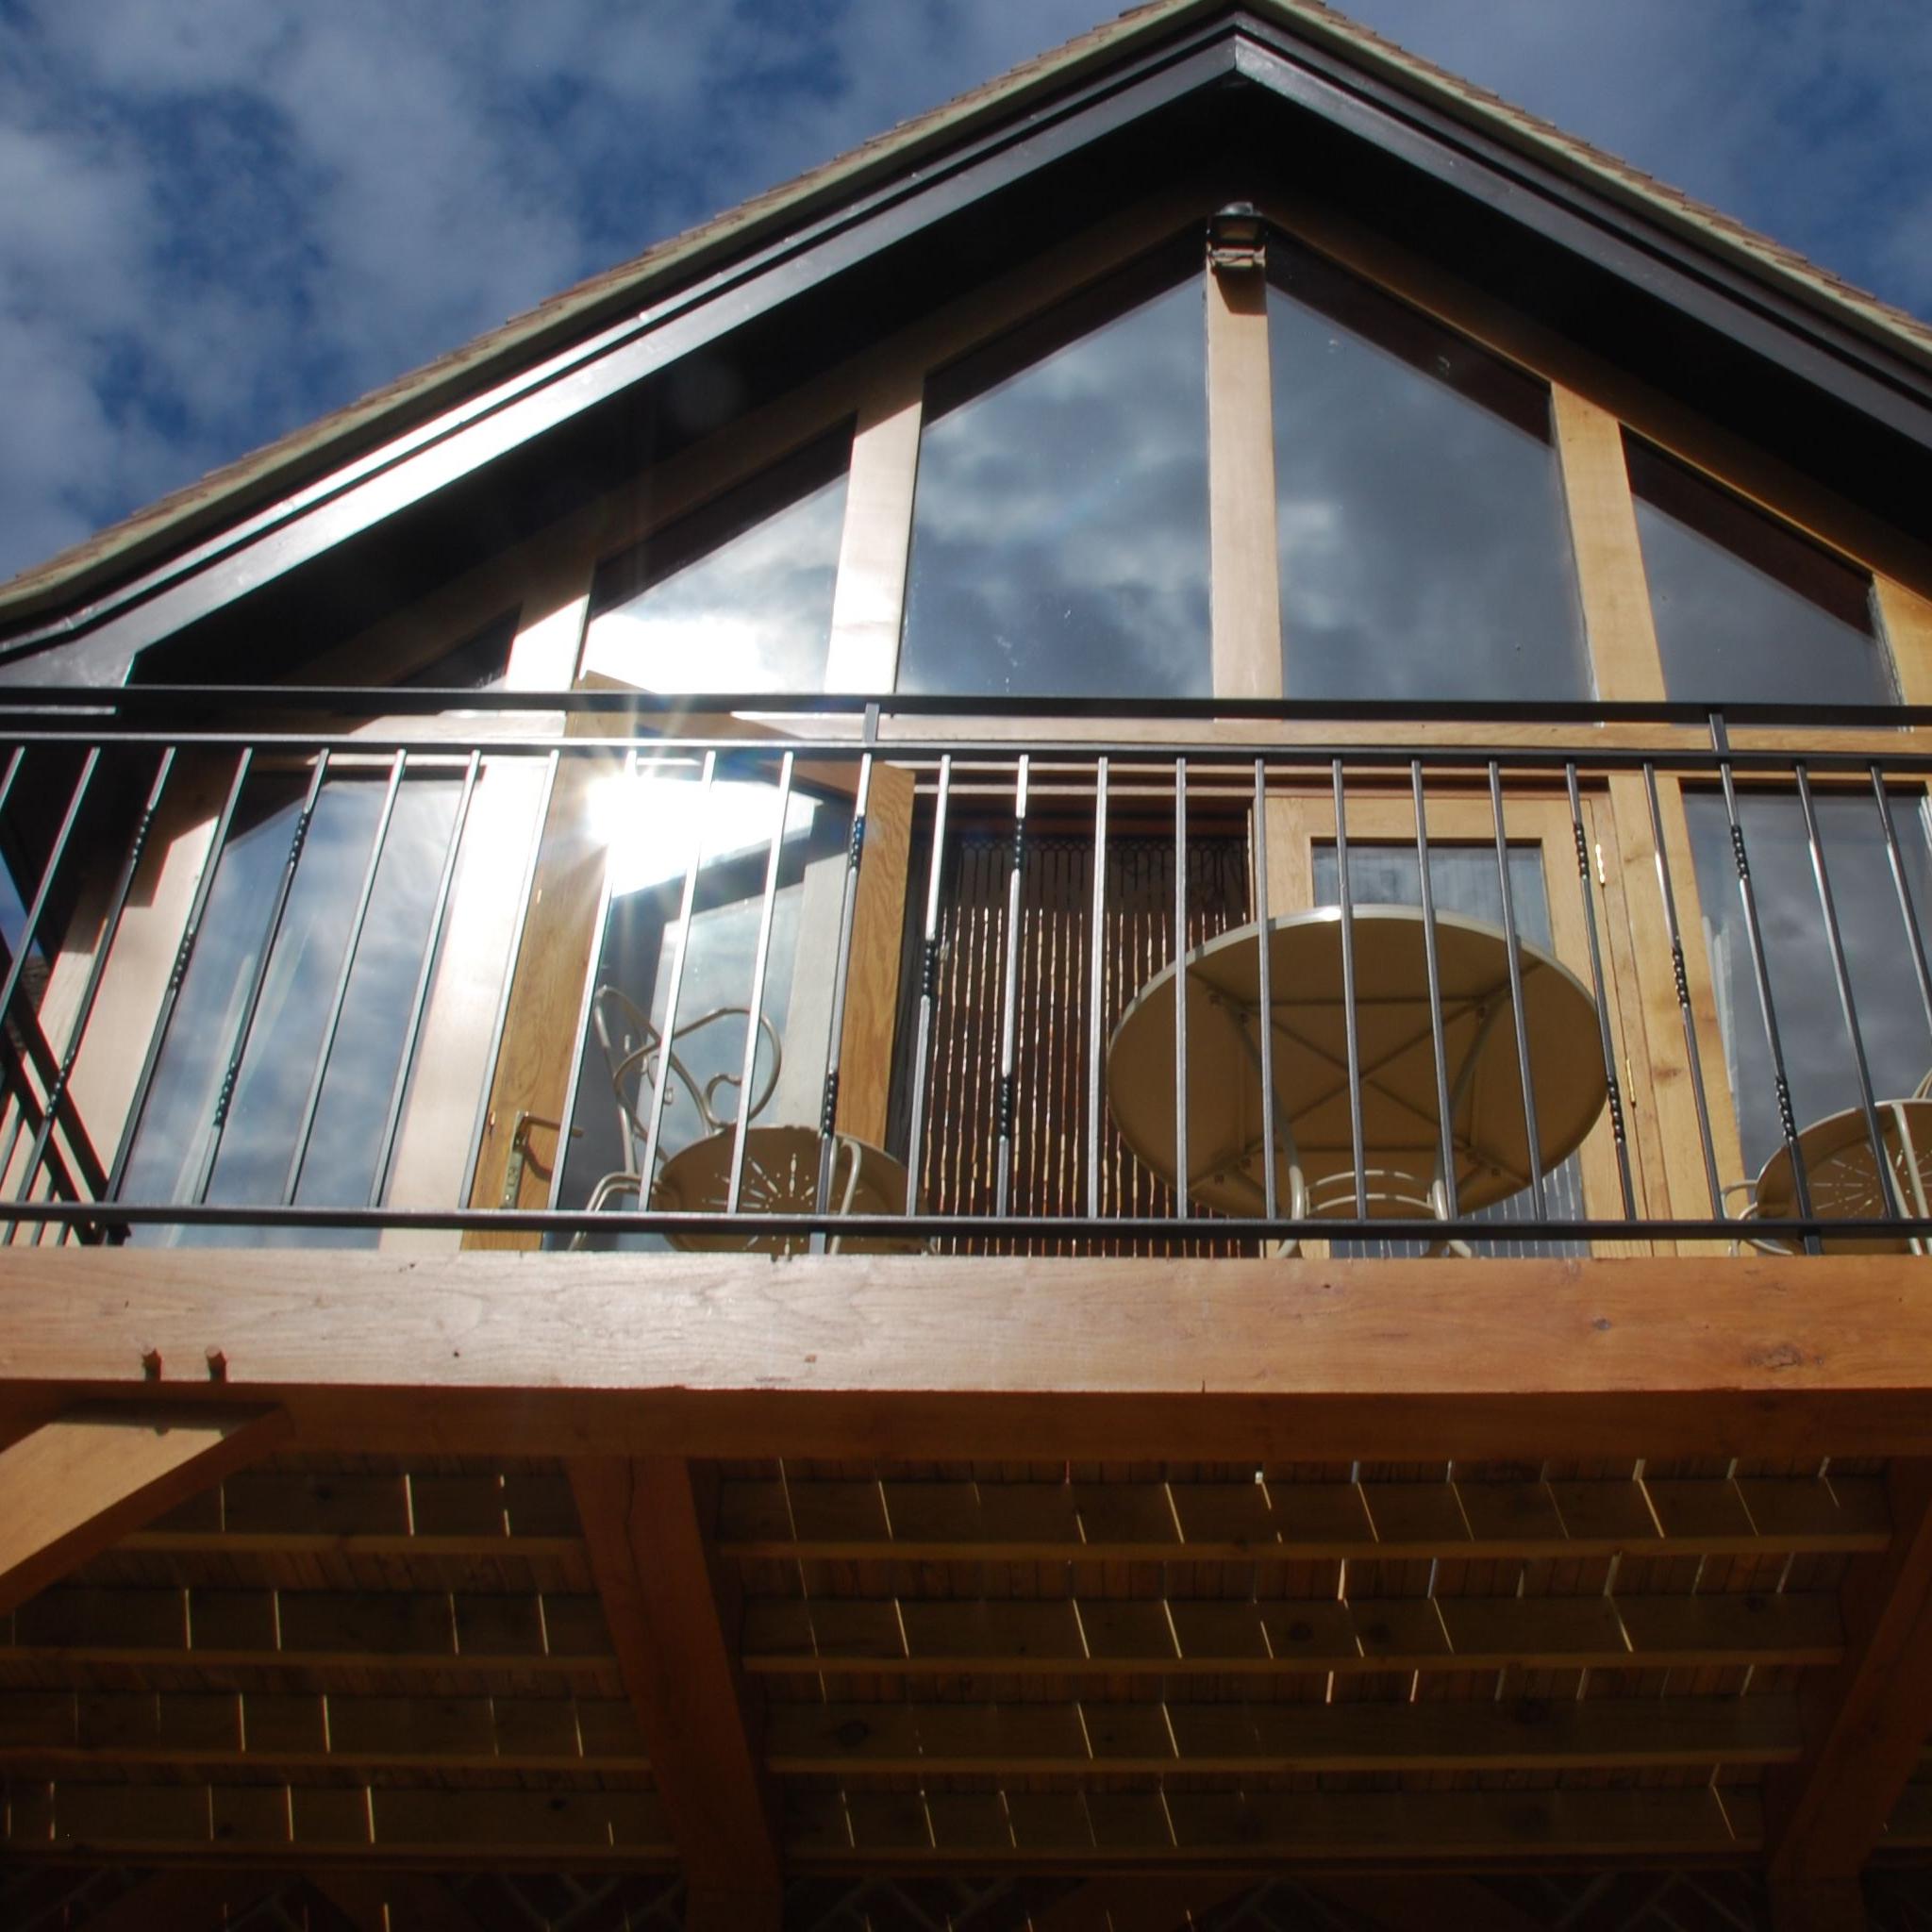 http://rbc-building.co.uk/wp-content/uploads/2020/09/DSC_0238.jpg